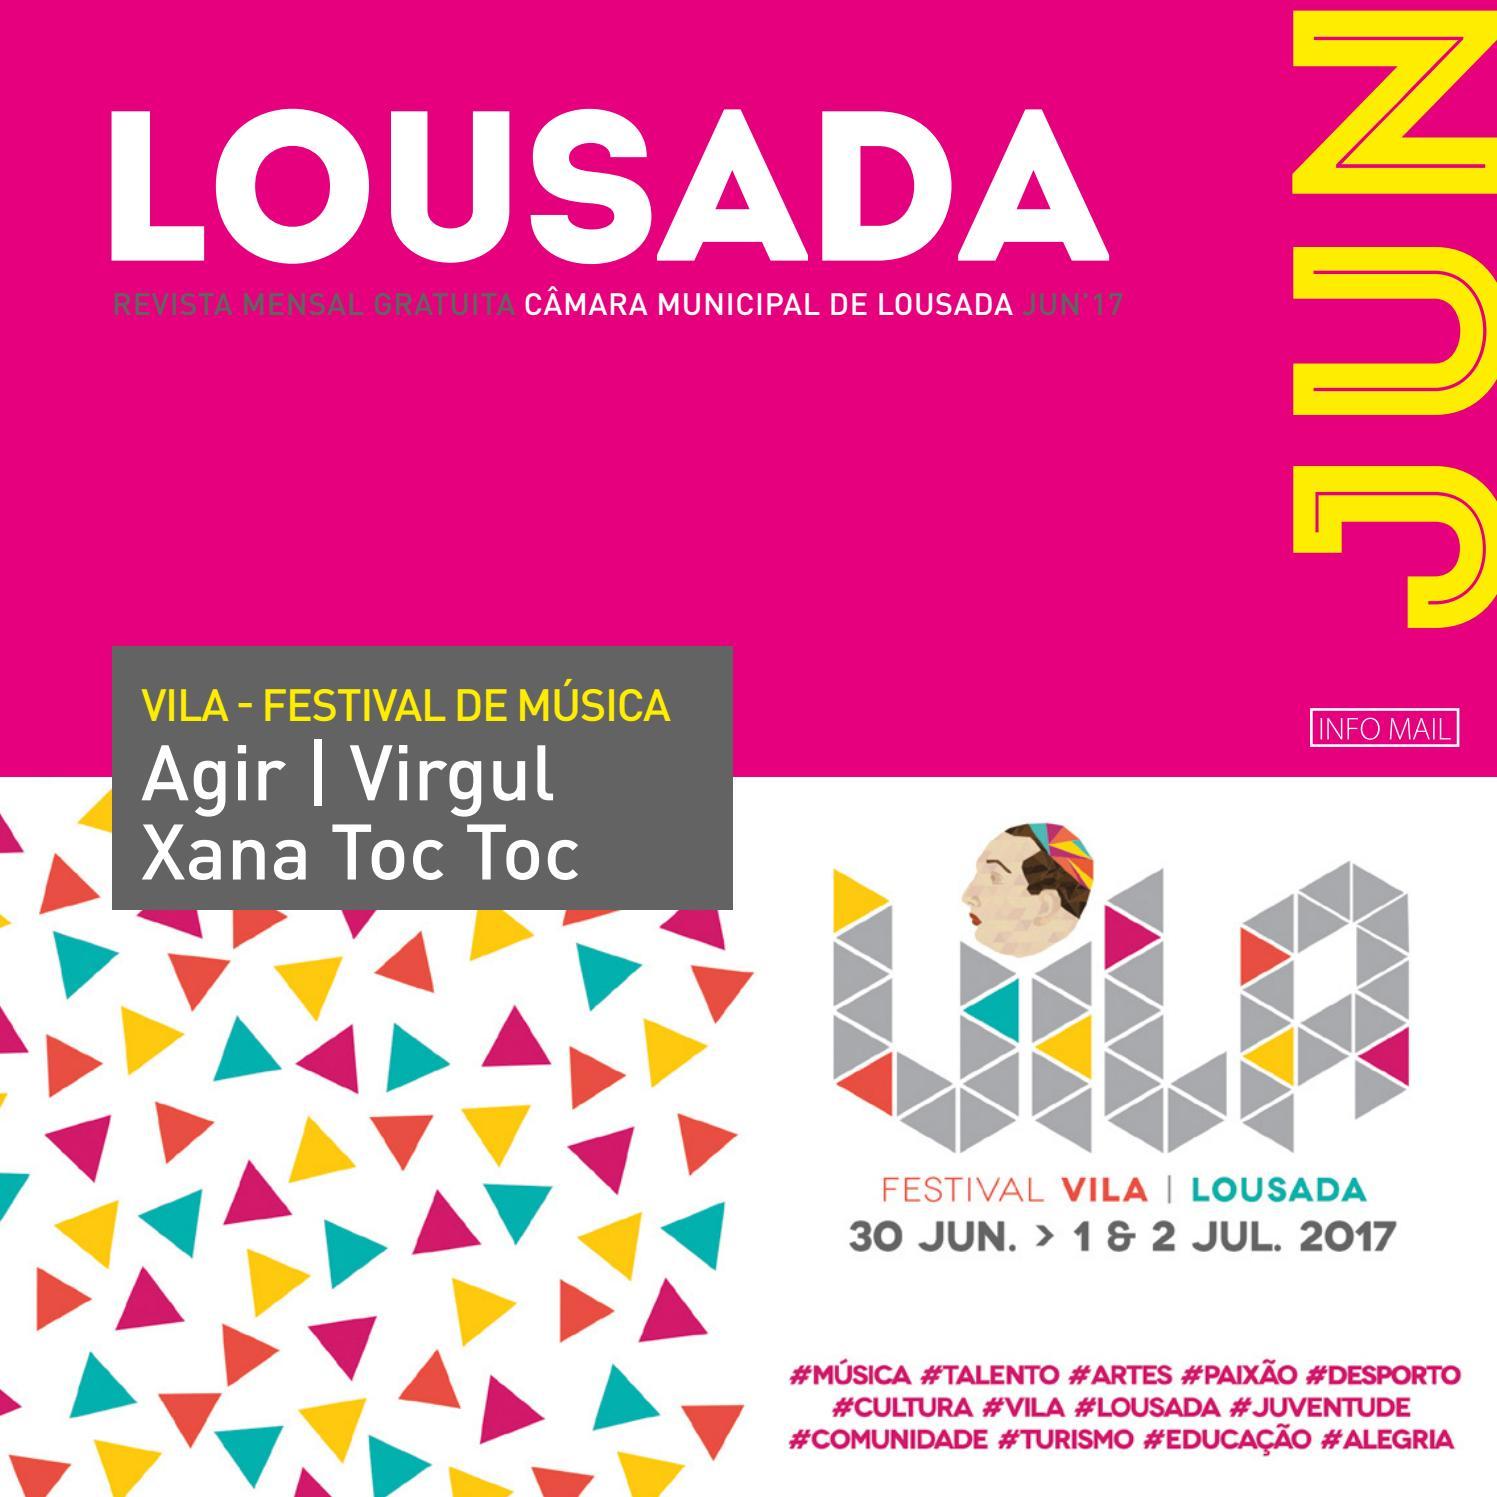 Revista Municipal de Lousada Junho 2017 by Município de Lousada - issuu c810ce71c9568